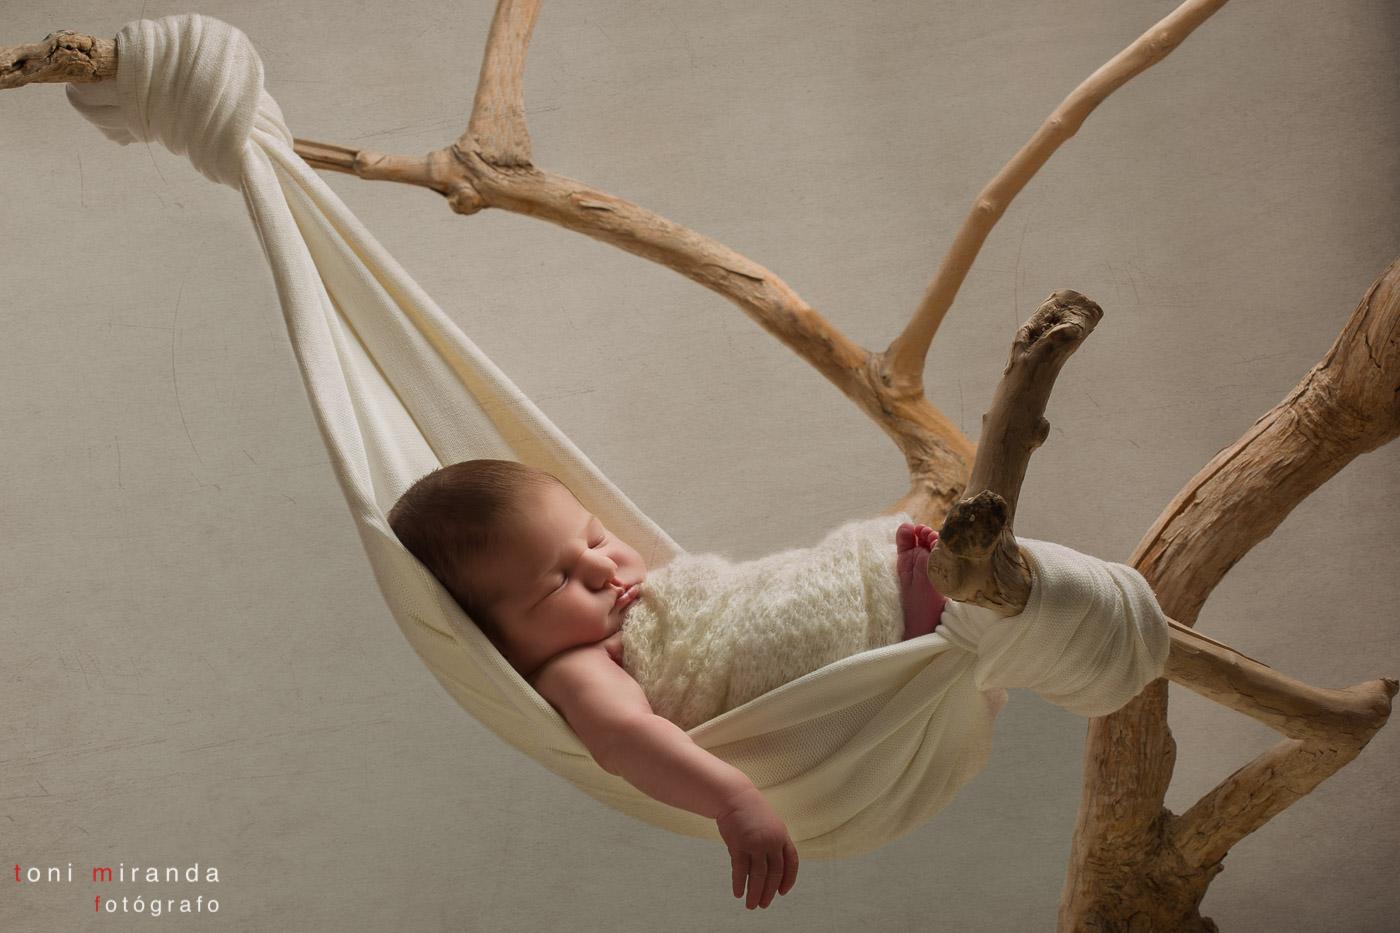 bebe recién nacida durmiendo en mercecedora colgando de un árbol